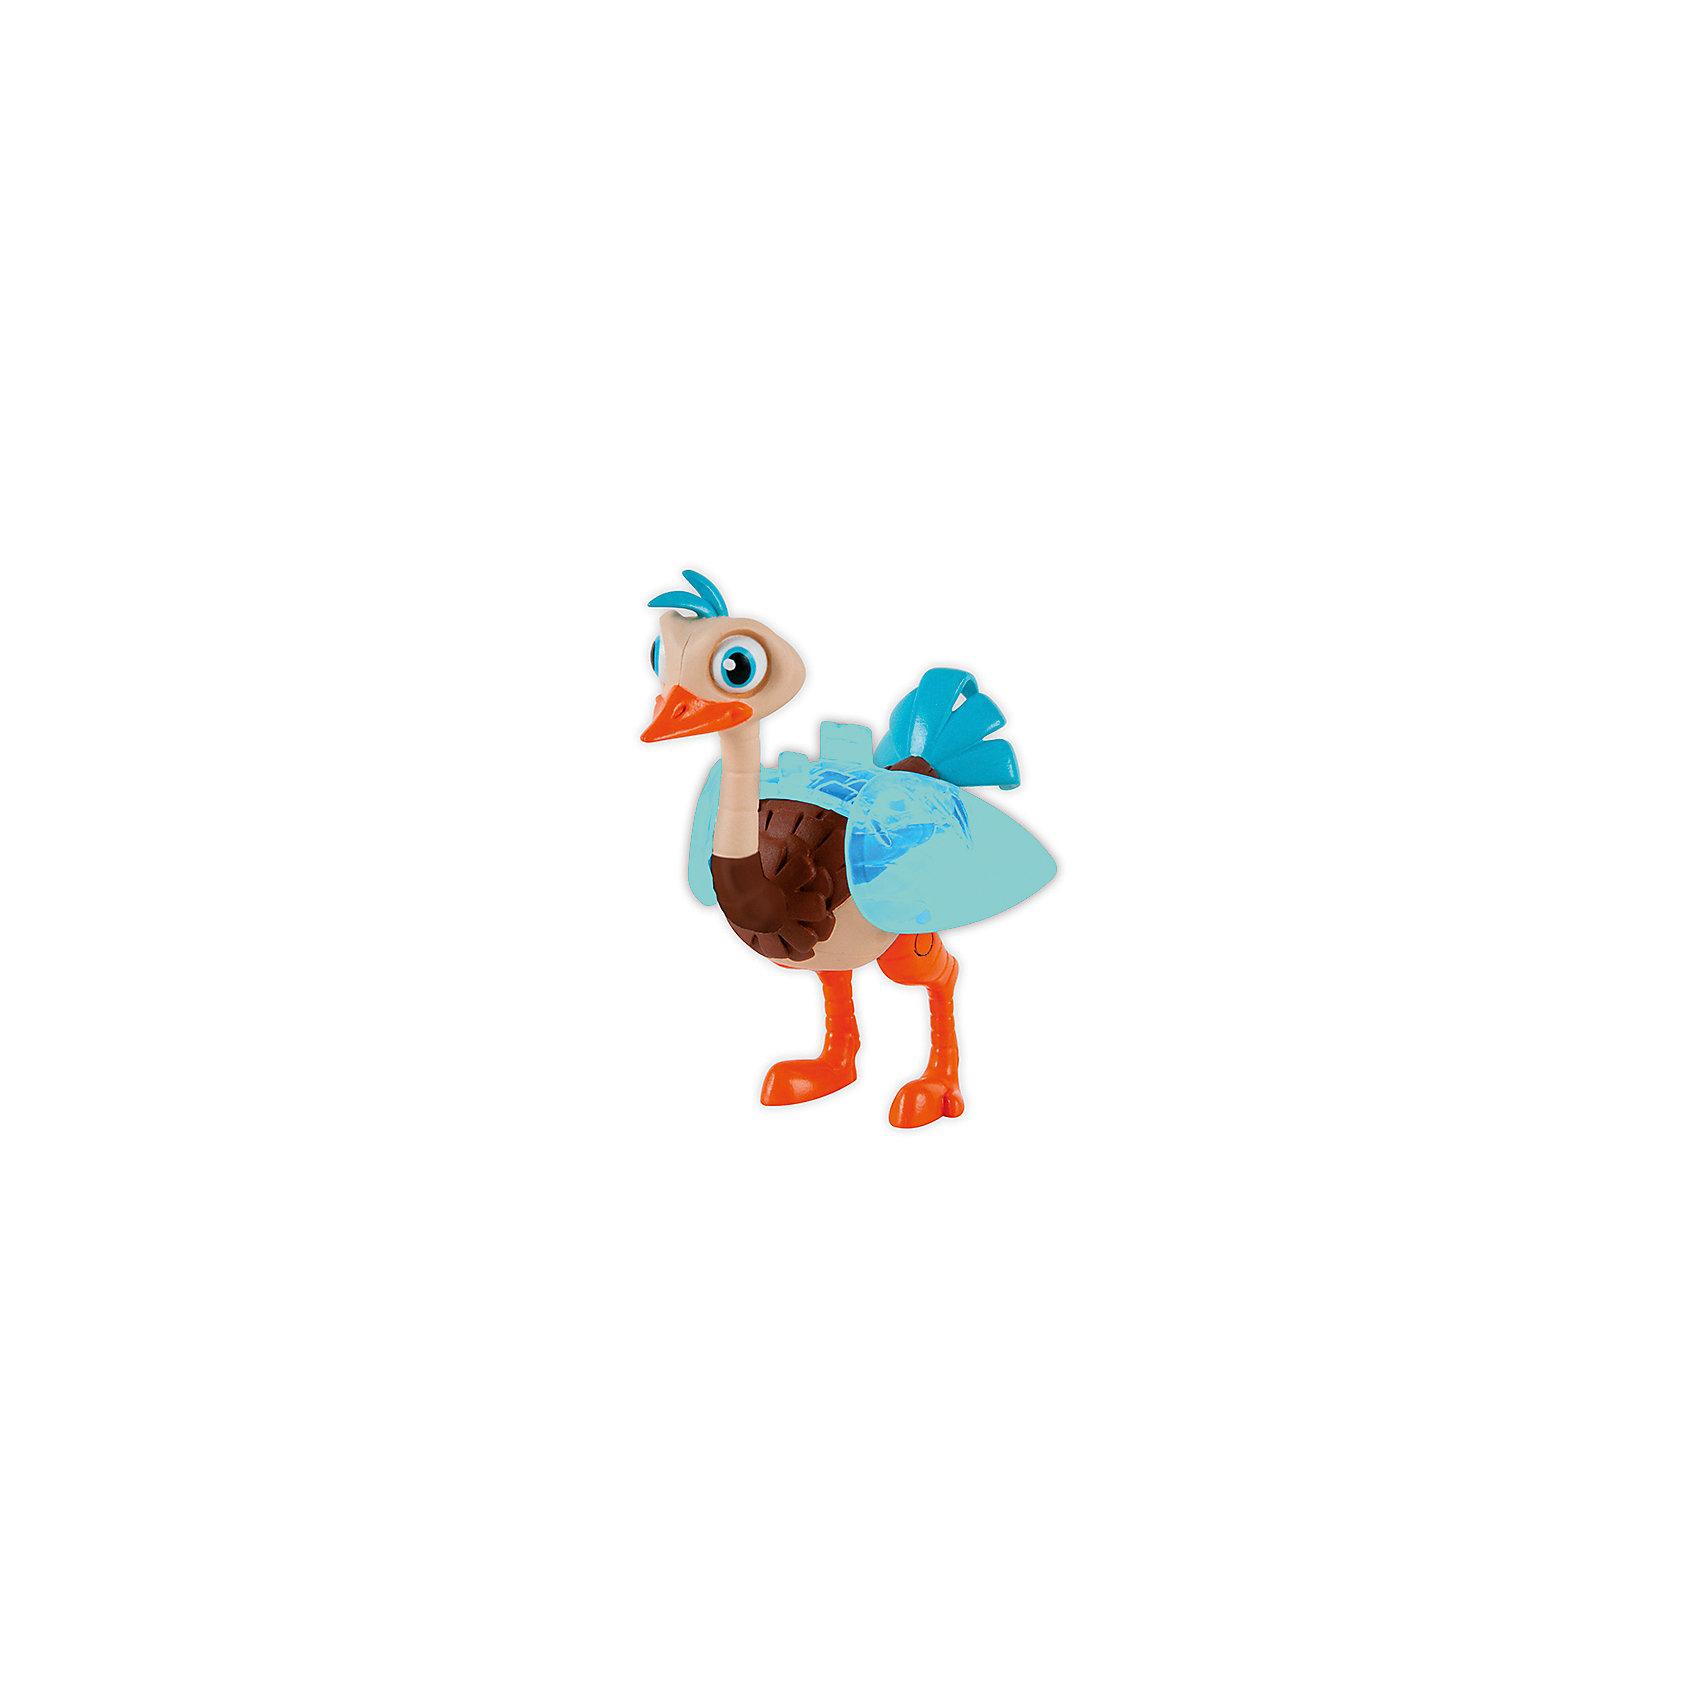 Фигурка страус Мерк, 9 см, MILESРобо-страус Мерк - любимый питомец семьи Каллисто из мультфильма Майлз с другой планеты. Верный спутник Майлза, который вместе с ним попадает в разнообразные интересные ситуации. В наборе также есть съёмная пара крыльев, которые создают иллюзию того, что страус вот-вот полетит! Собери все фигурки проигрывай любимые сцены из мультфильма или придумывай свои новые истории!<br><br>Дополнительная информация:<br><br>- Материал: пластик.<br>- Голова и лапы подвижные.<br>- Крылья из прозрачного материала, имитирующие быстрые взмахи.<br>- Высота фигурки - 9 см.<br><br>Фигурку страуса Мерка, 9 см, MILES, можно купить в нашем магазине.<br><br>Ширина мм: 155<br>Глубина мм: 190<br>Высота мм: 65<br>Вес г: 132<br>Возраст от месяцев: 36<br>Возраст до месяцев: 192<br>Пол: Унисекс<br>Возраст: Детский<br>SKU: 4234766